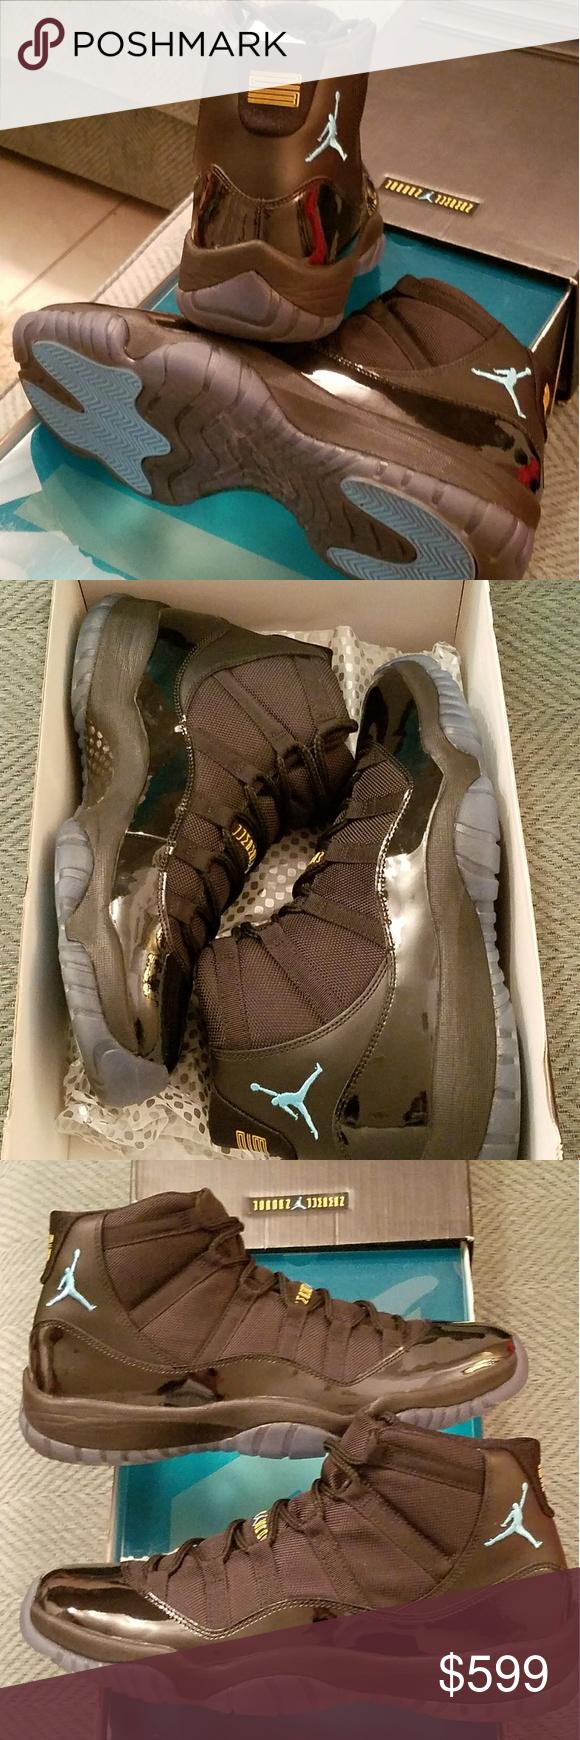 c149646bc15fc2 Air Jordan 11 Retro (Gamma Blue) 100% authentic Air Jordan 11 Retro (Gamma  Blue)   deadstock comes with original box original receipt original shoe  trees ...